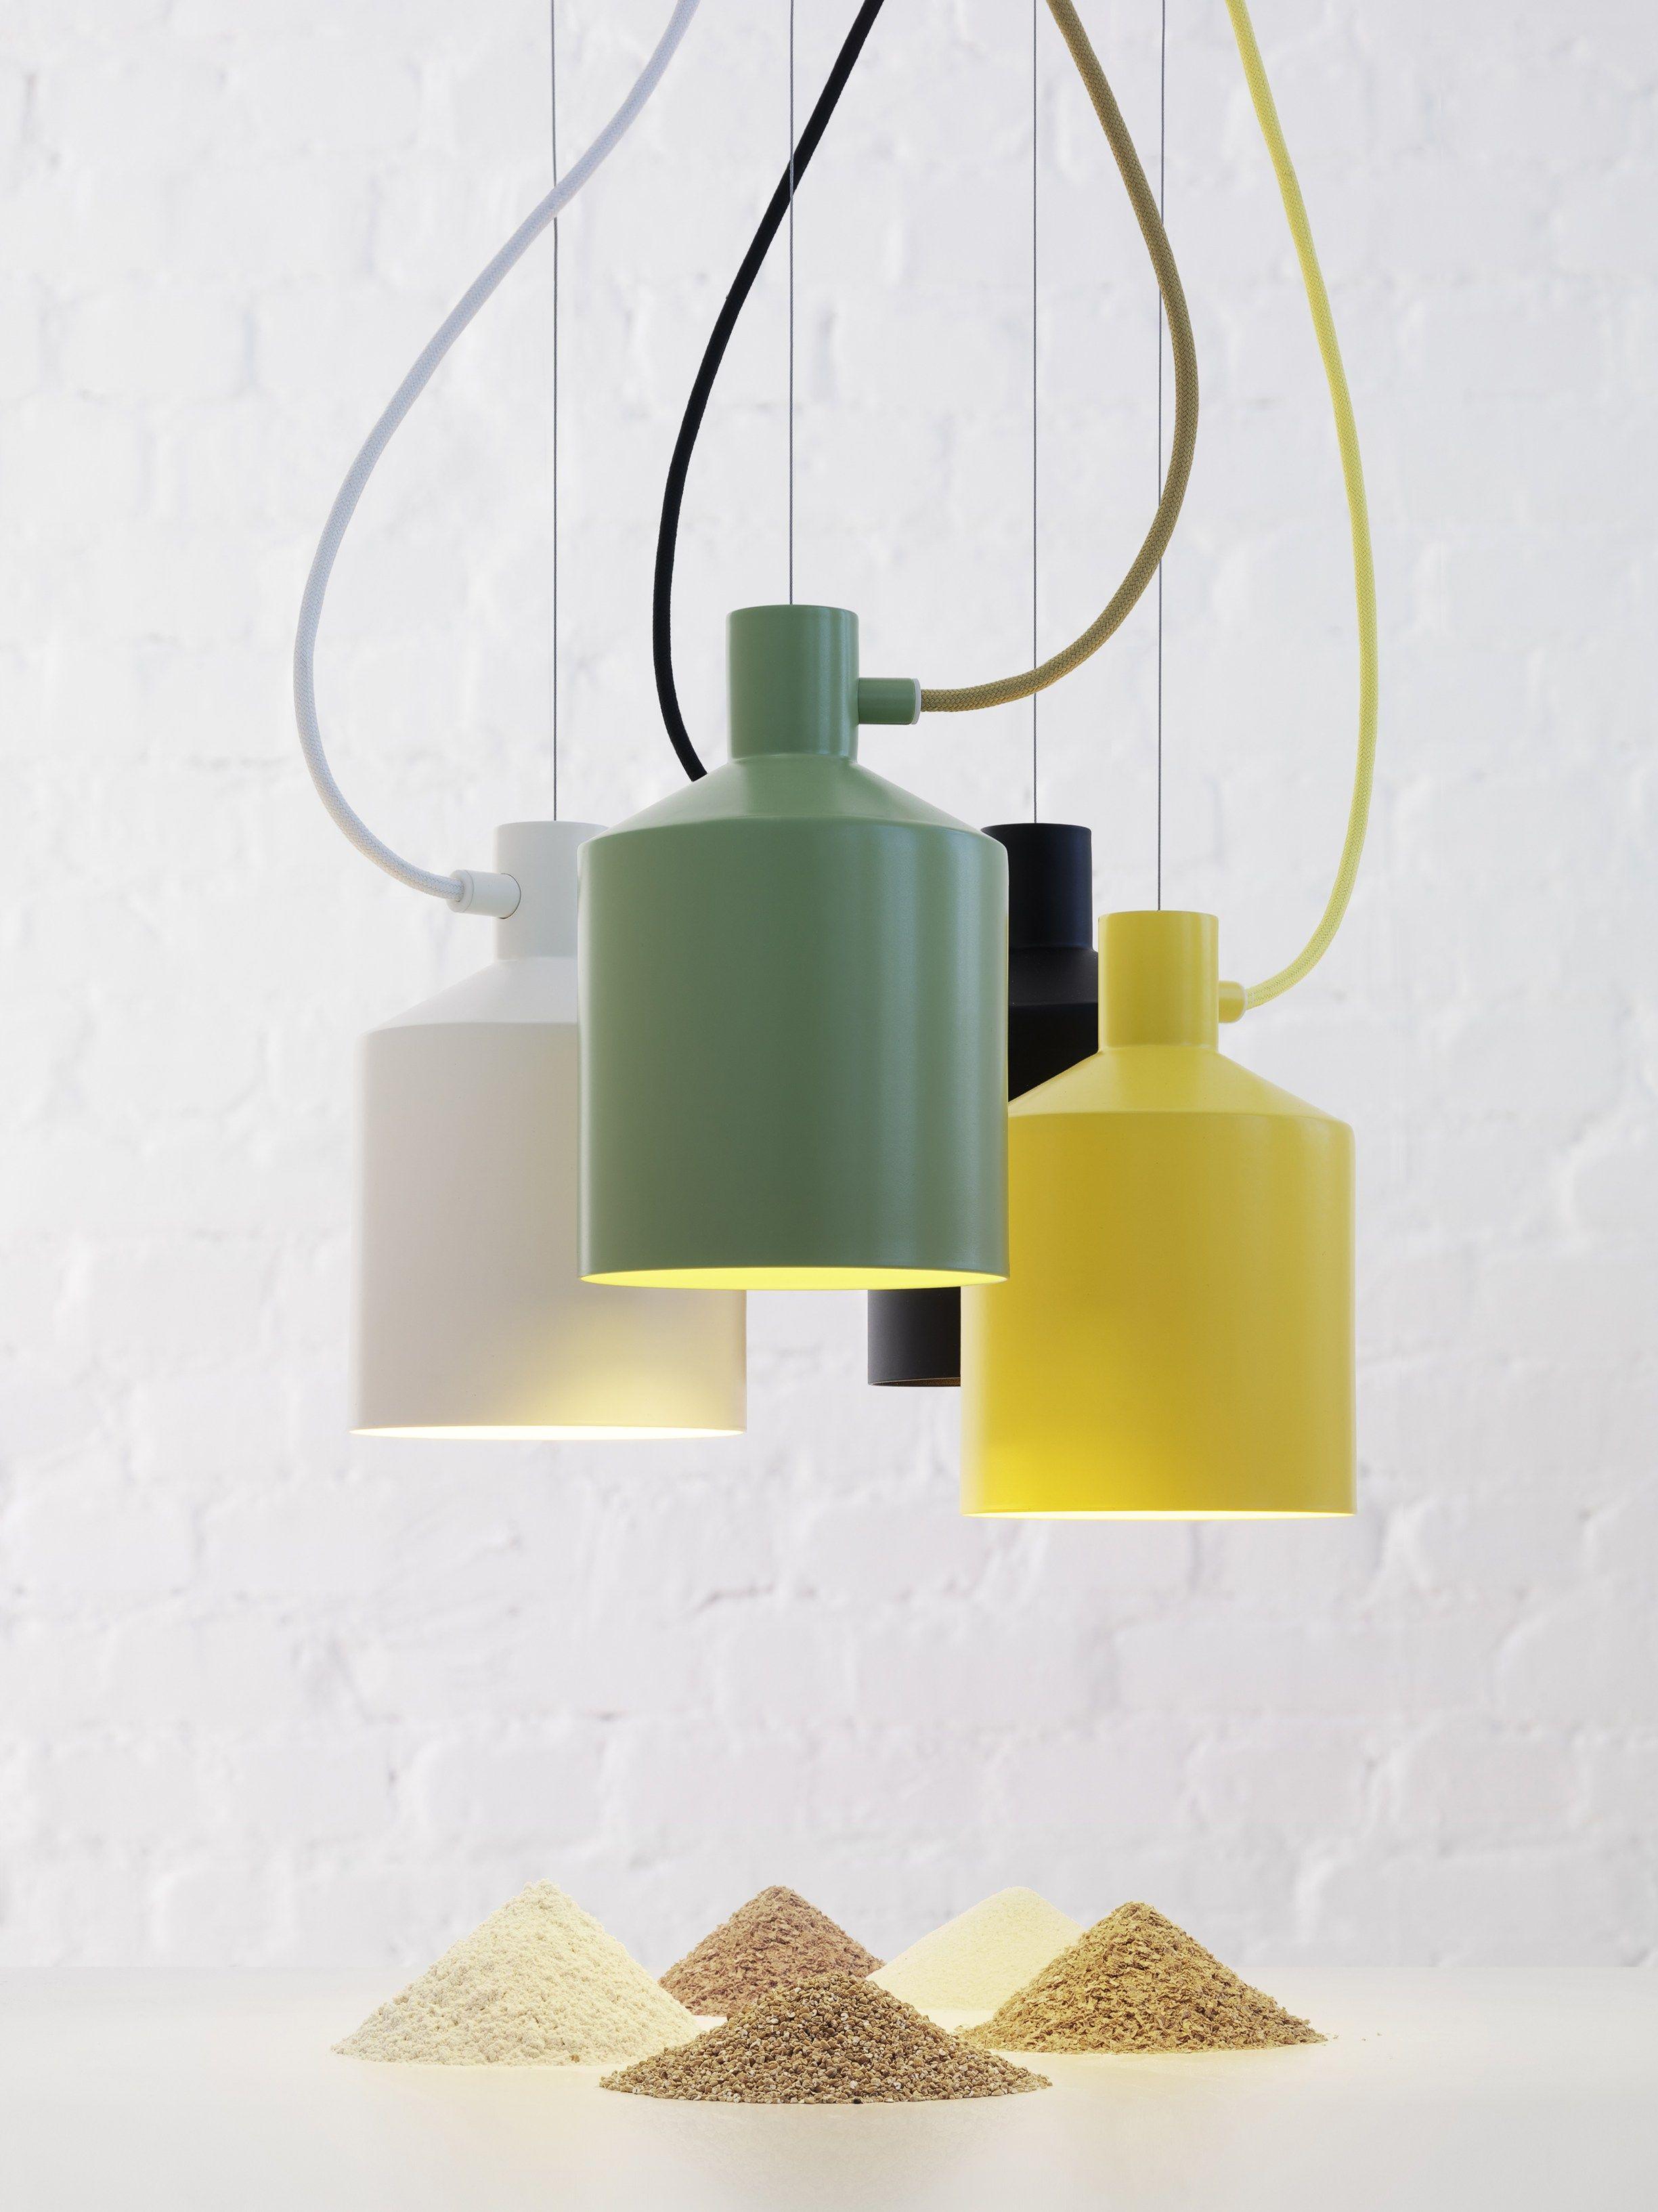 Pendelleuchte SILO Kollektion Silo by ZERO | Design NOTE Design ...